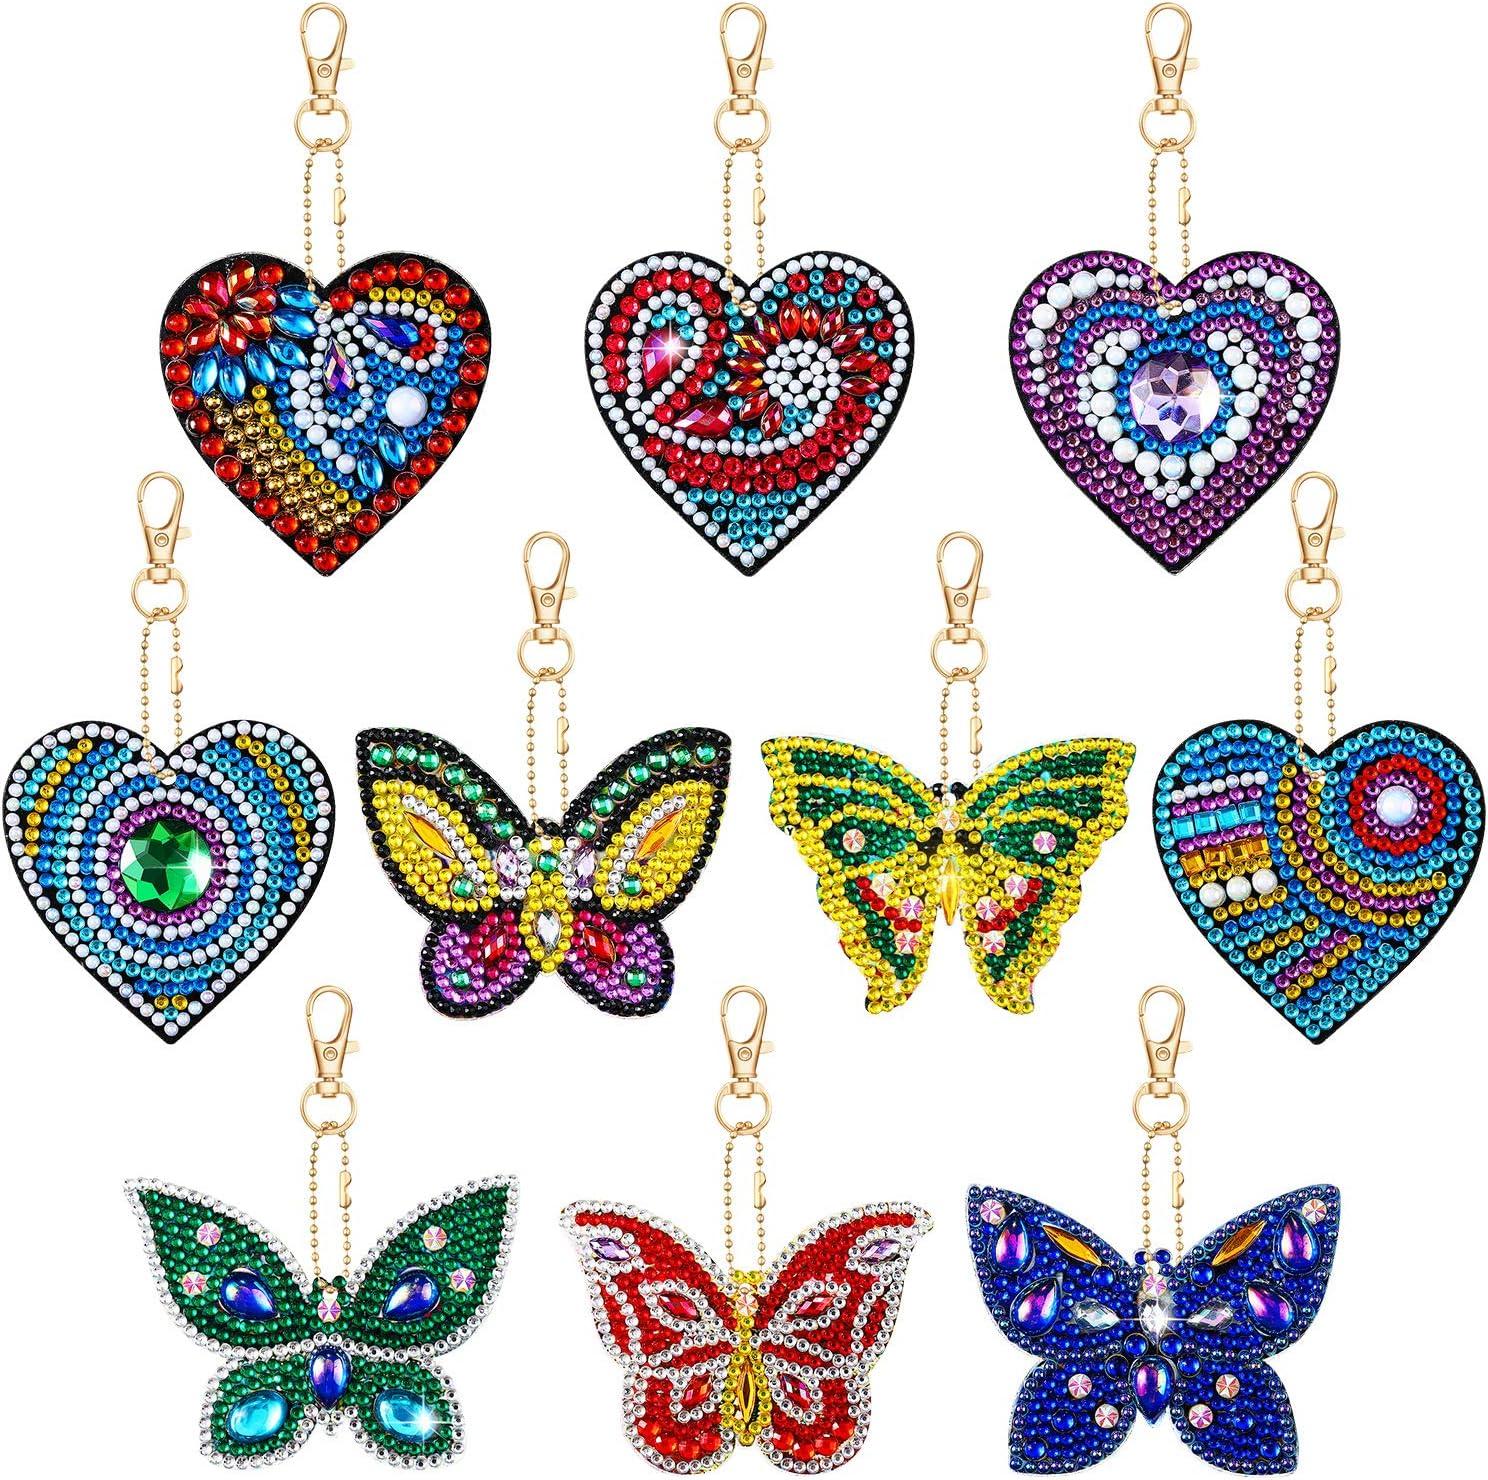 10 Piezas Conjunto de Llavero de Pintura de Diamantes Kits de Pintura de Diamantes 5D Adornos Colgantes de Pintura de Diamantes de Taladro Completo de Forma de Corazón y Mariposa para Llavero, Bolsa